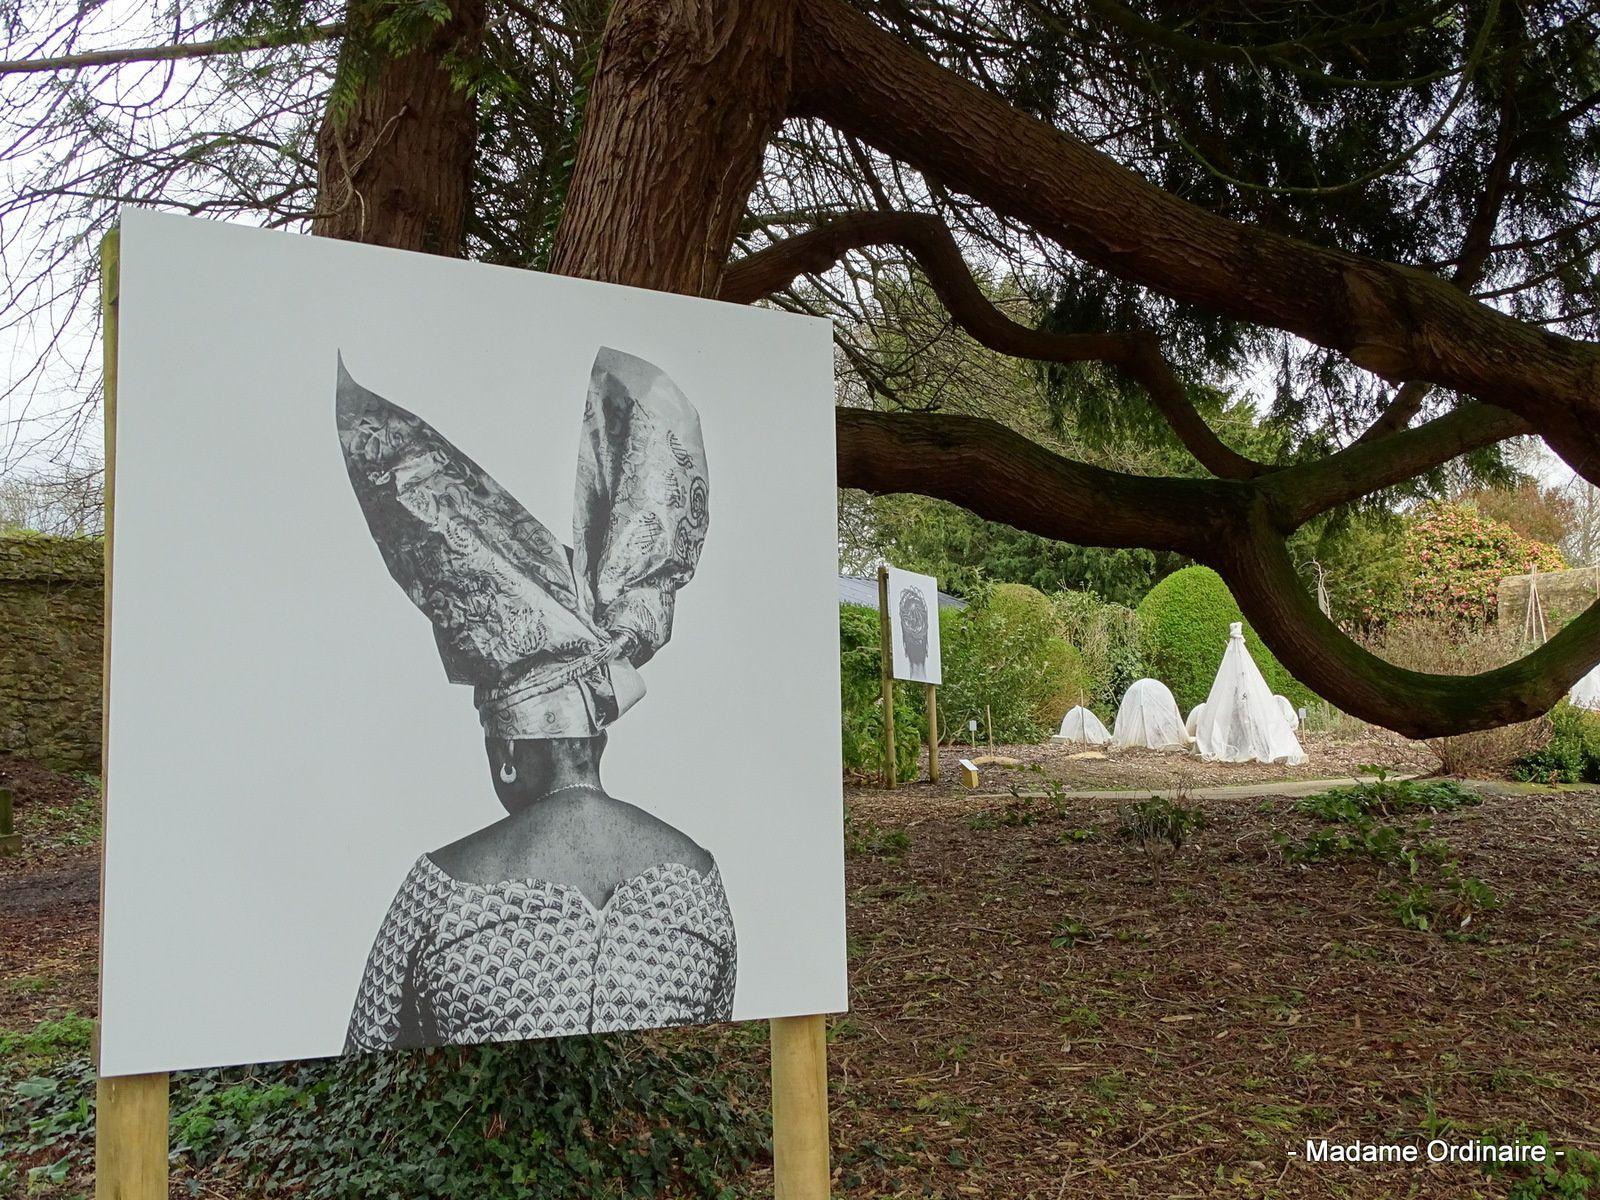 Balade photographique daoulas madame ordinaire for A la verticale du jardin grenoble